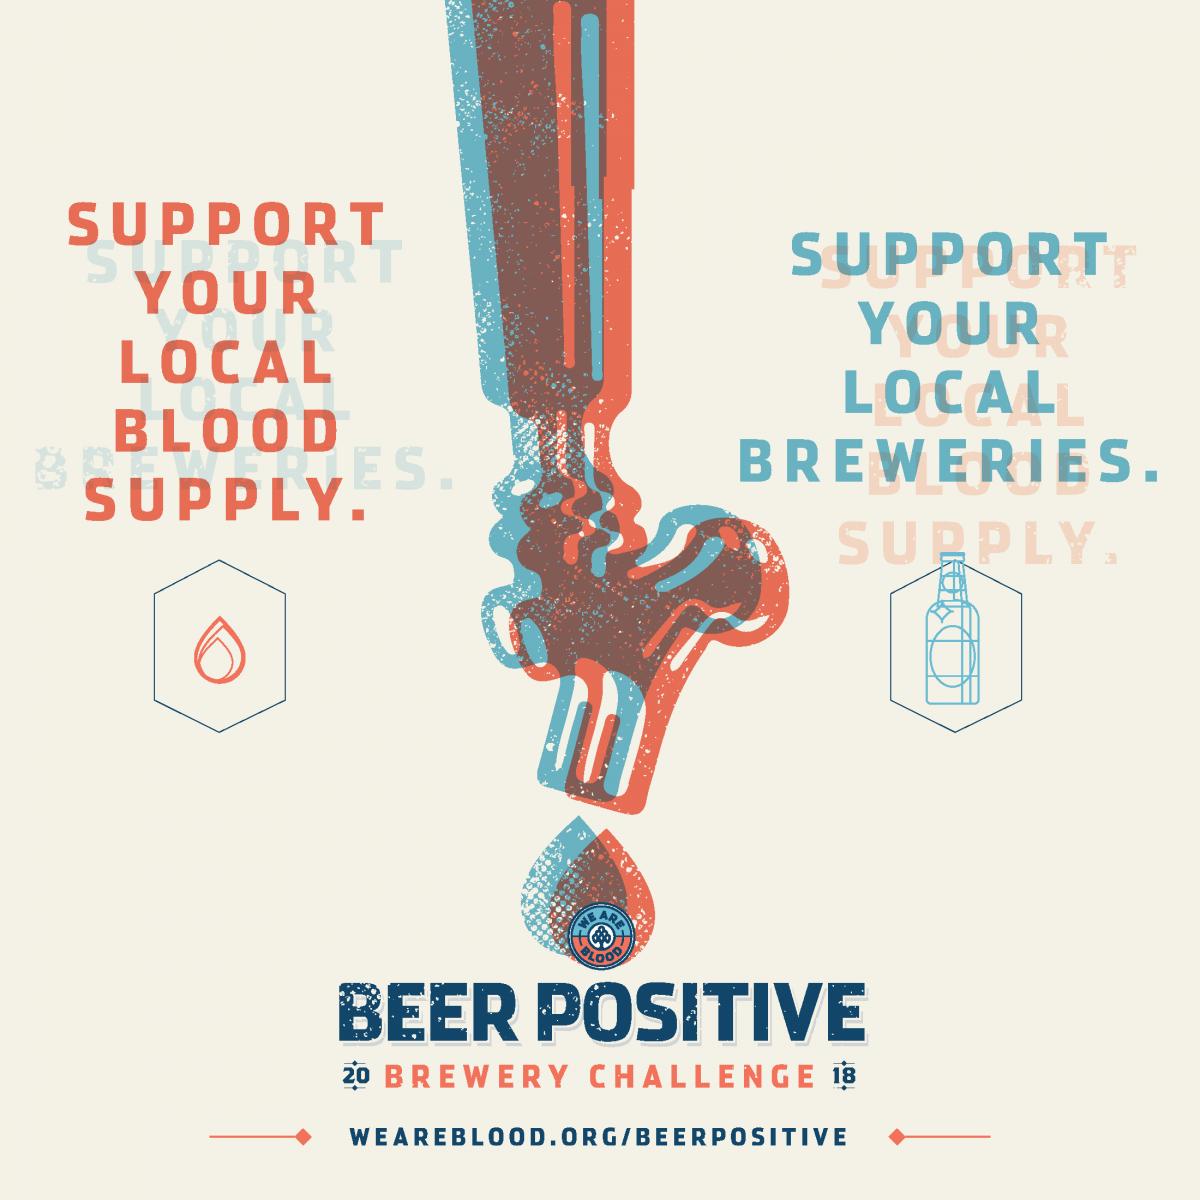 Beer Positive